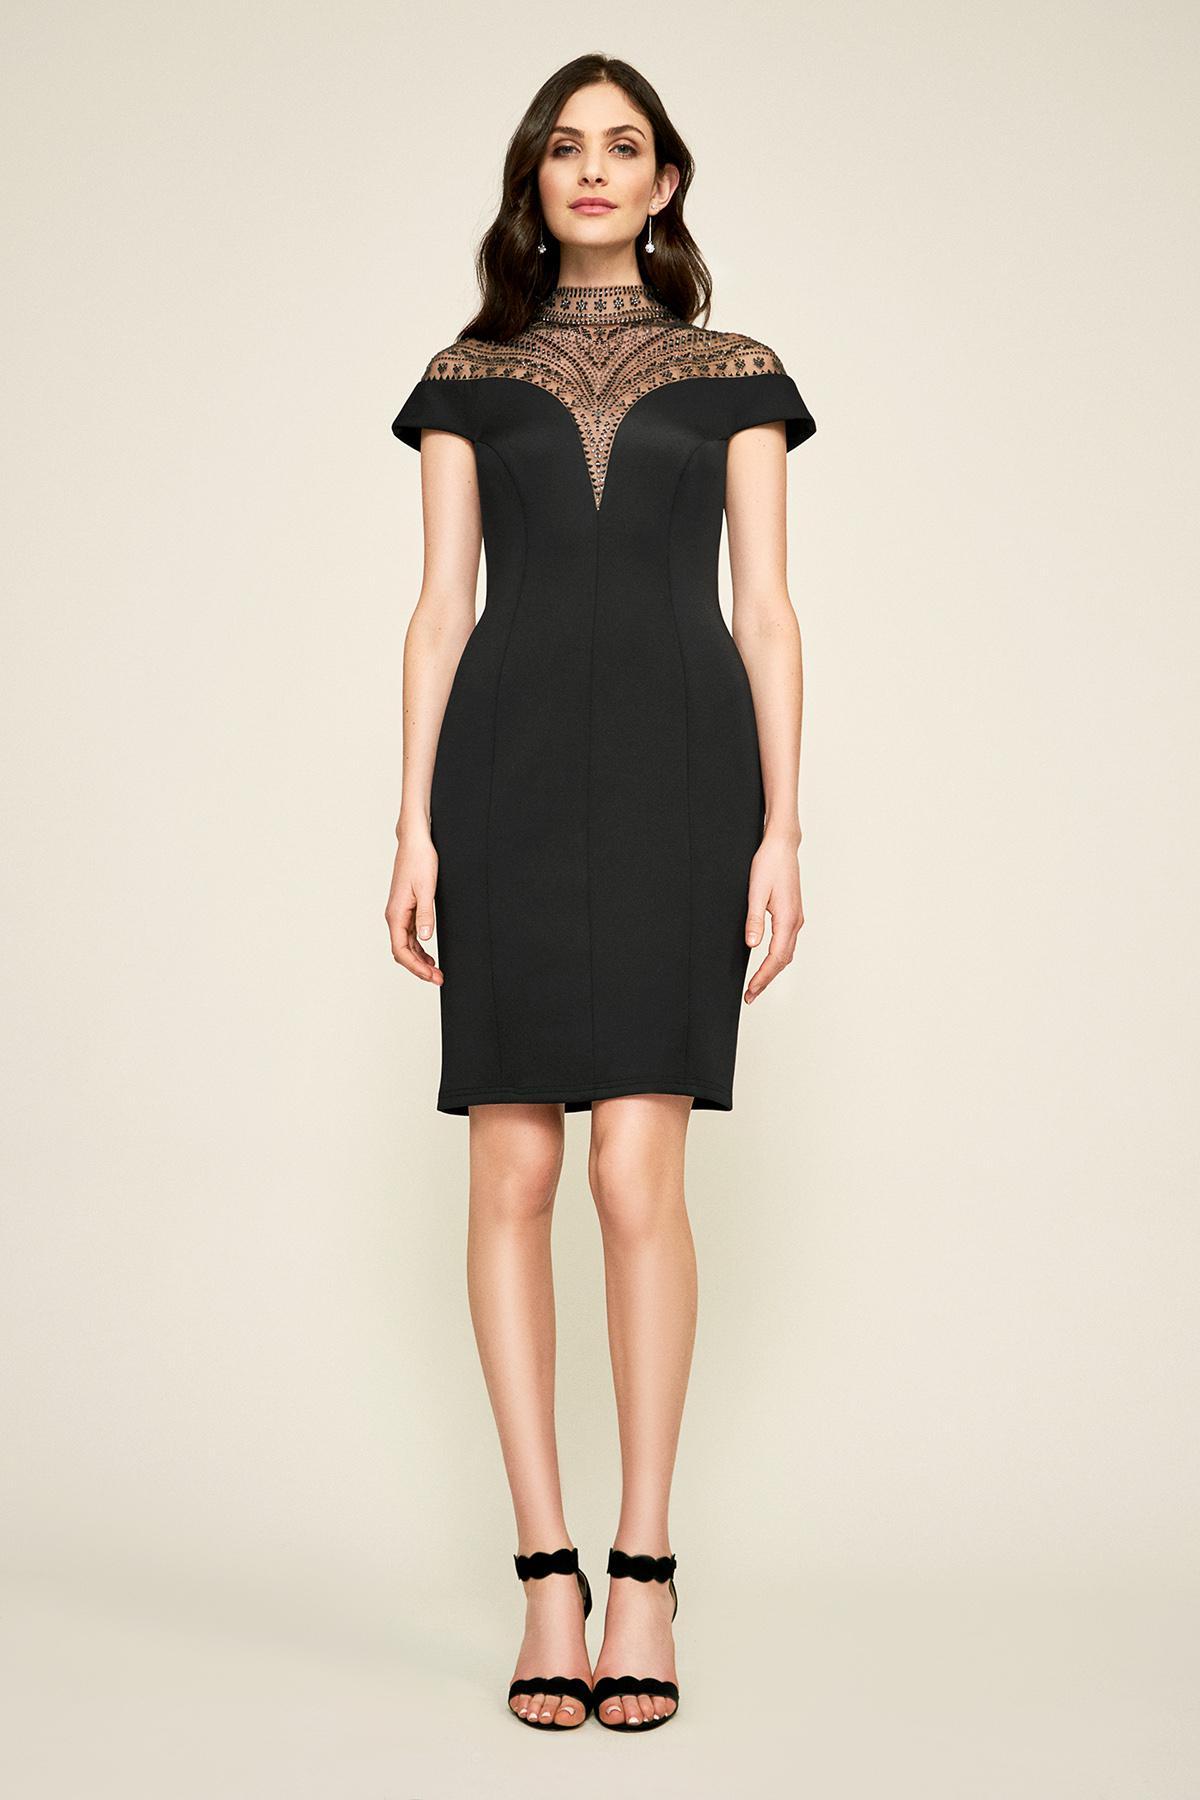 3c9eba2a324 Lyst - Tadashi Shoji Asher Neoprene Dress in Black - Save 40%